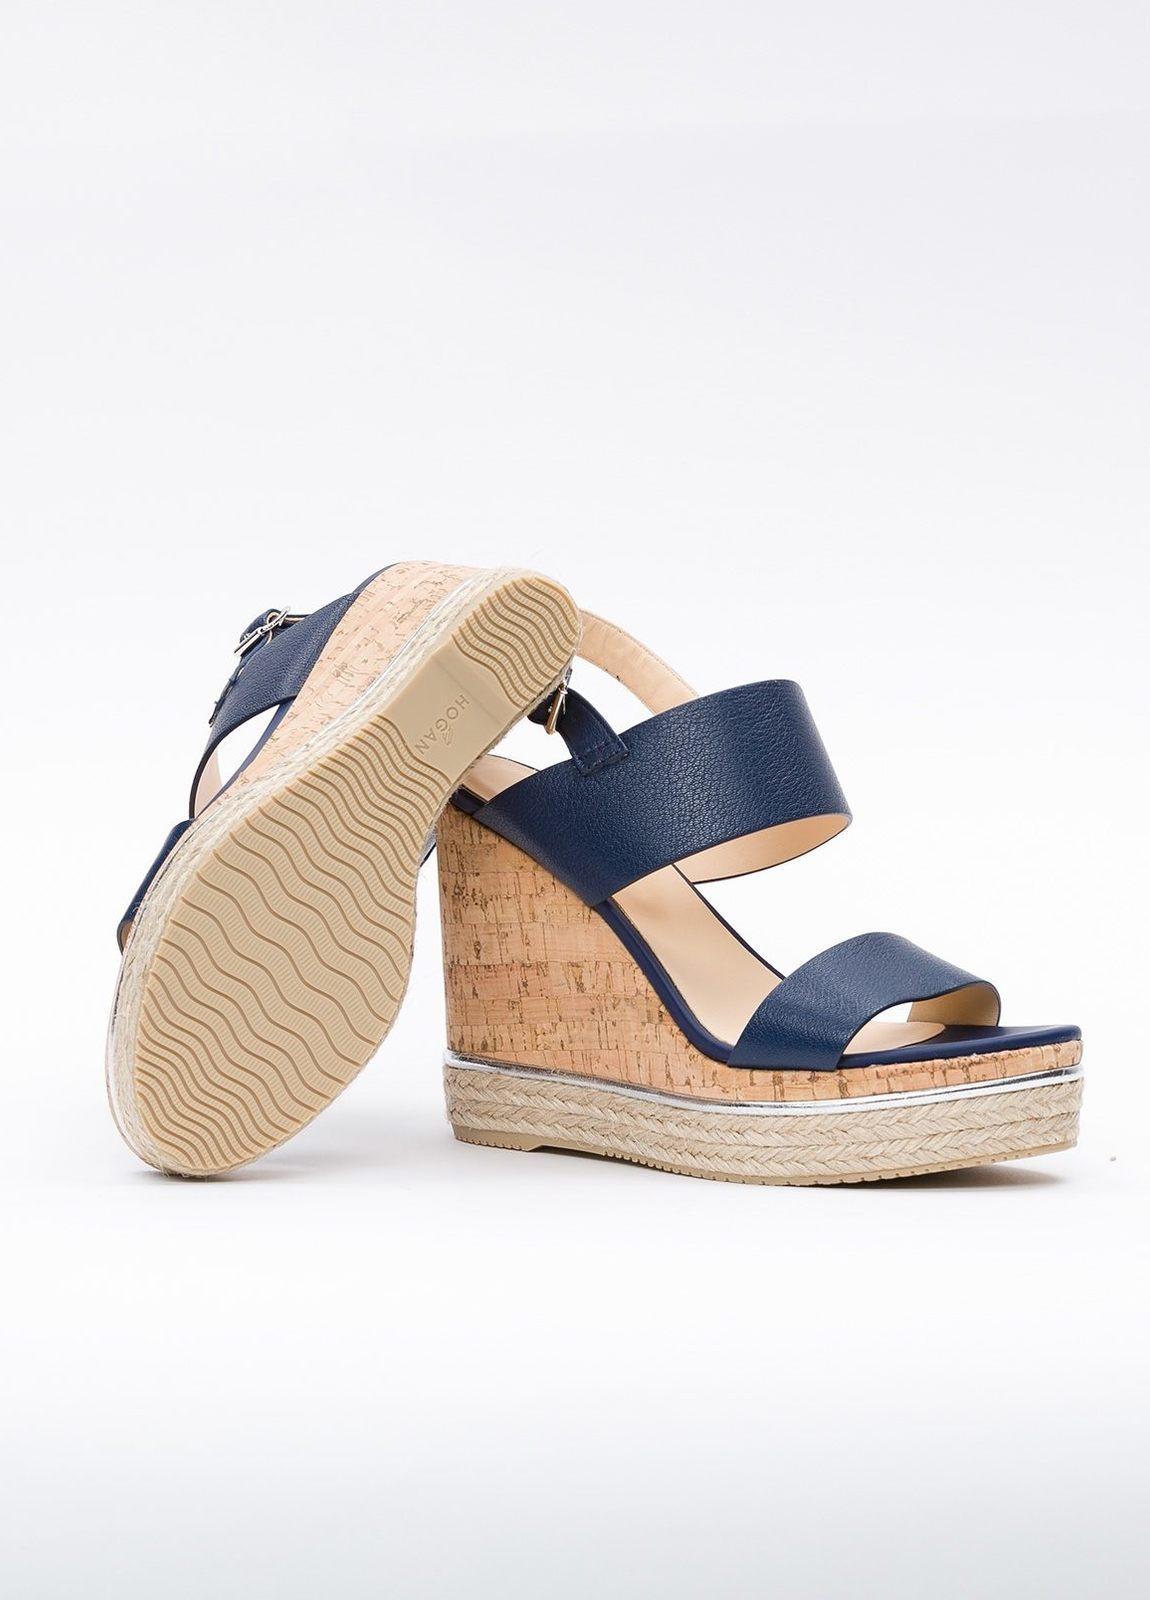 Sandalia en piel con pulsera al tobillo color azul, cuña y plataforma en corcho, detalle de cuerda trenzada y suela de goma. - Ítem3